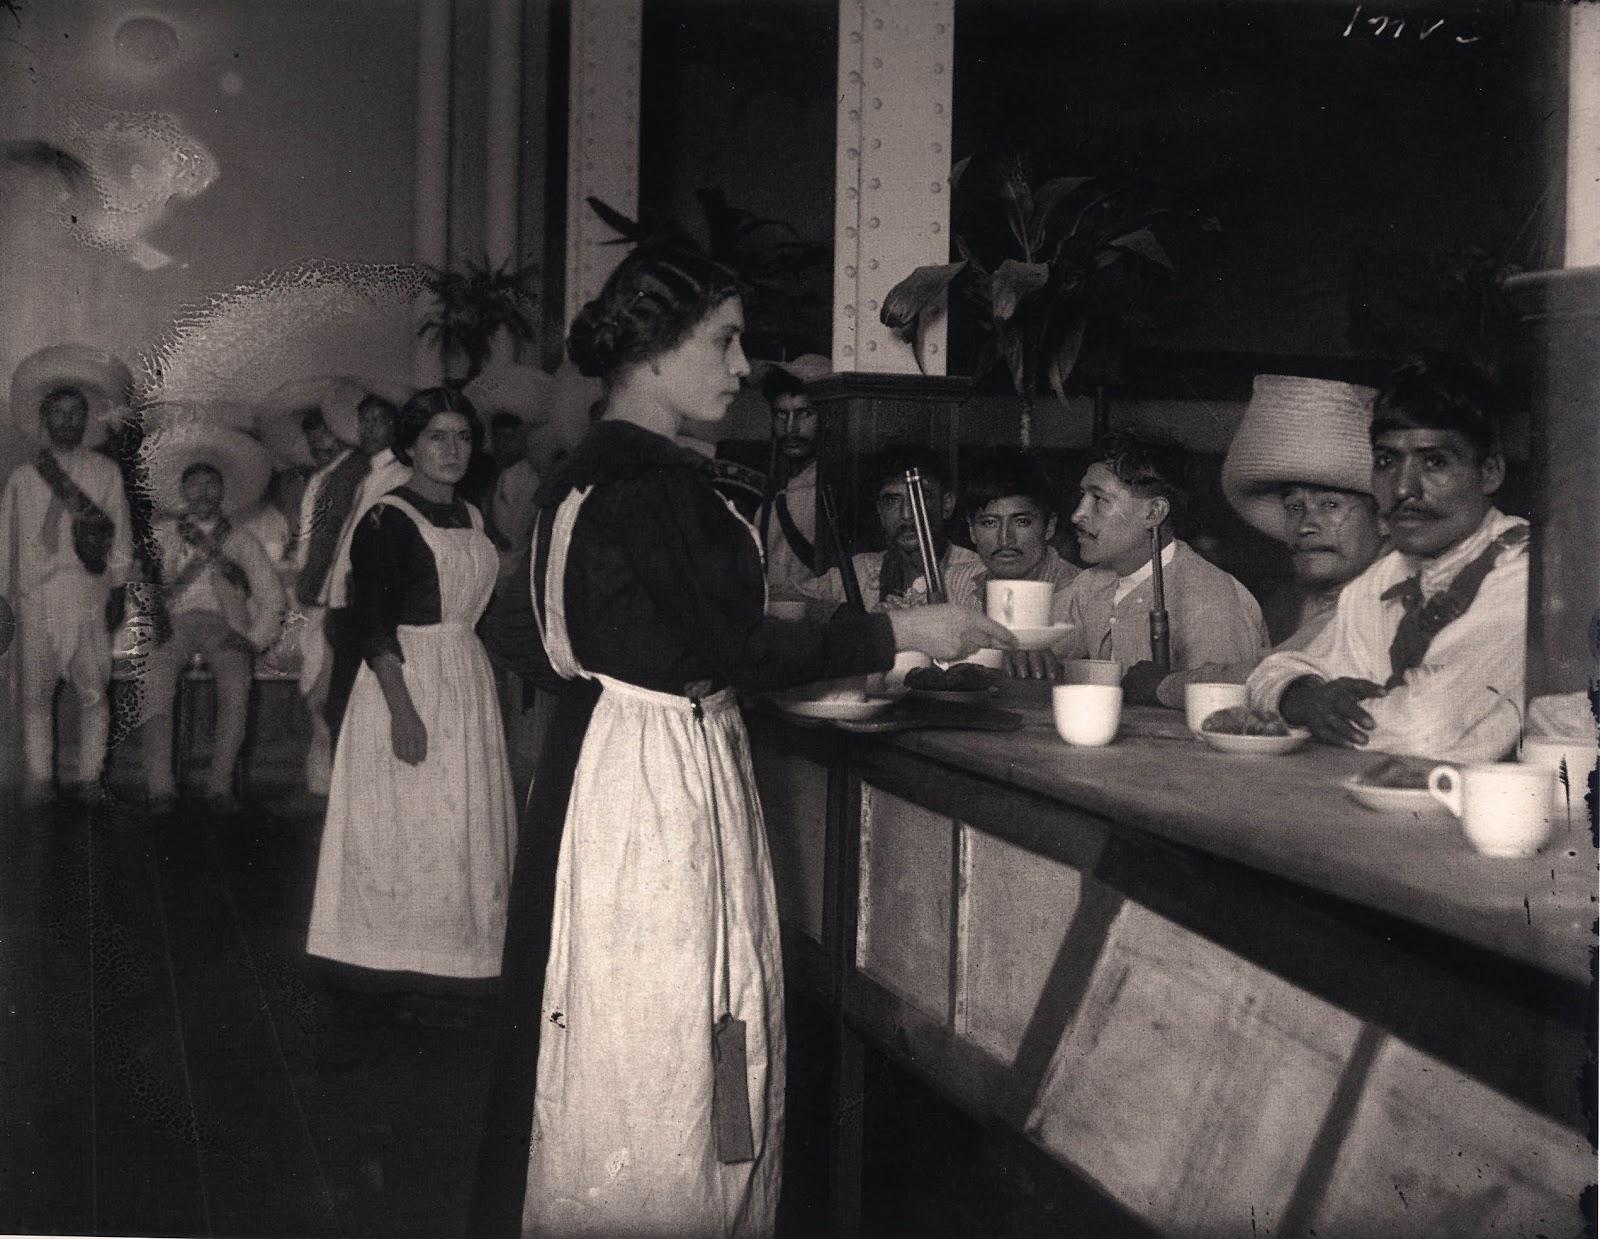 Chilaquiles y pancho villa una hoguera para que arda goya for Sanborns historia